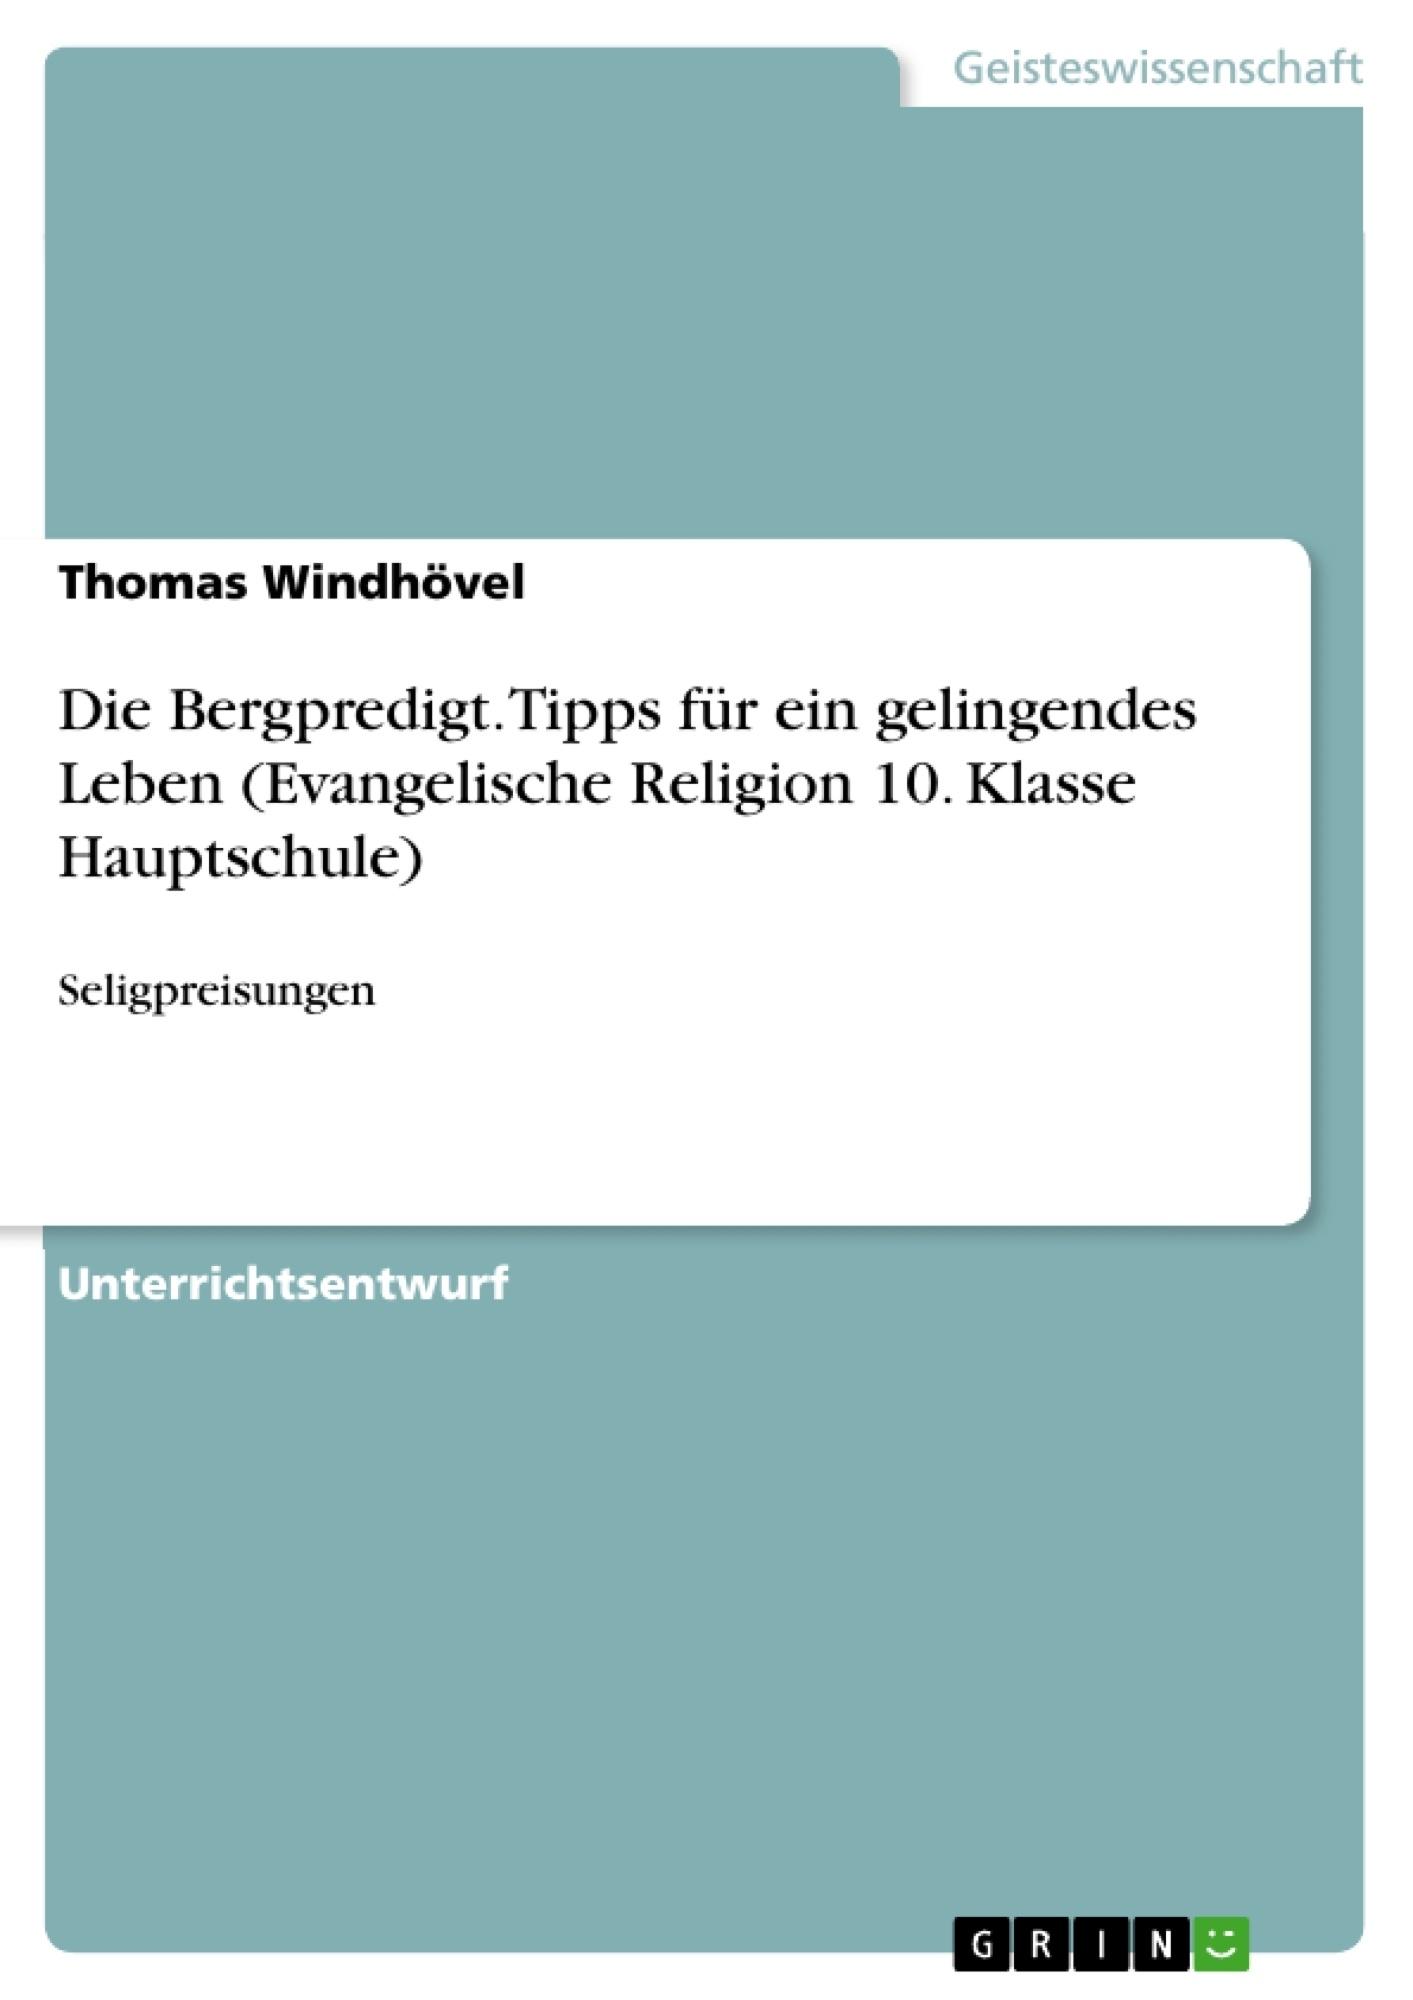 Titel: Die Bergpredigt. Tipps für ein gelingendes Leben (Evangelische Religion 10. Klasse Hauptschule)